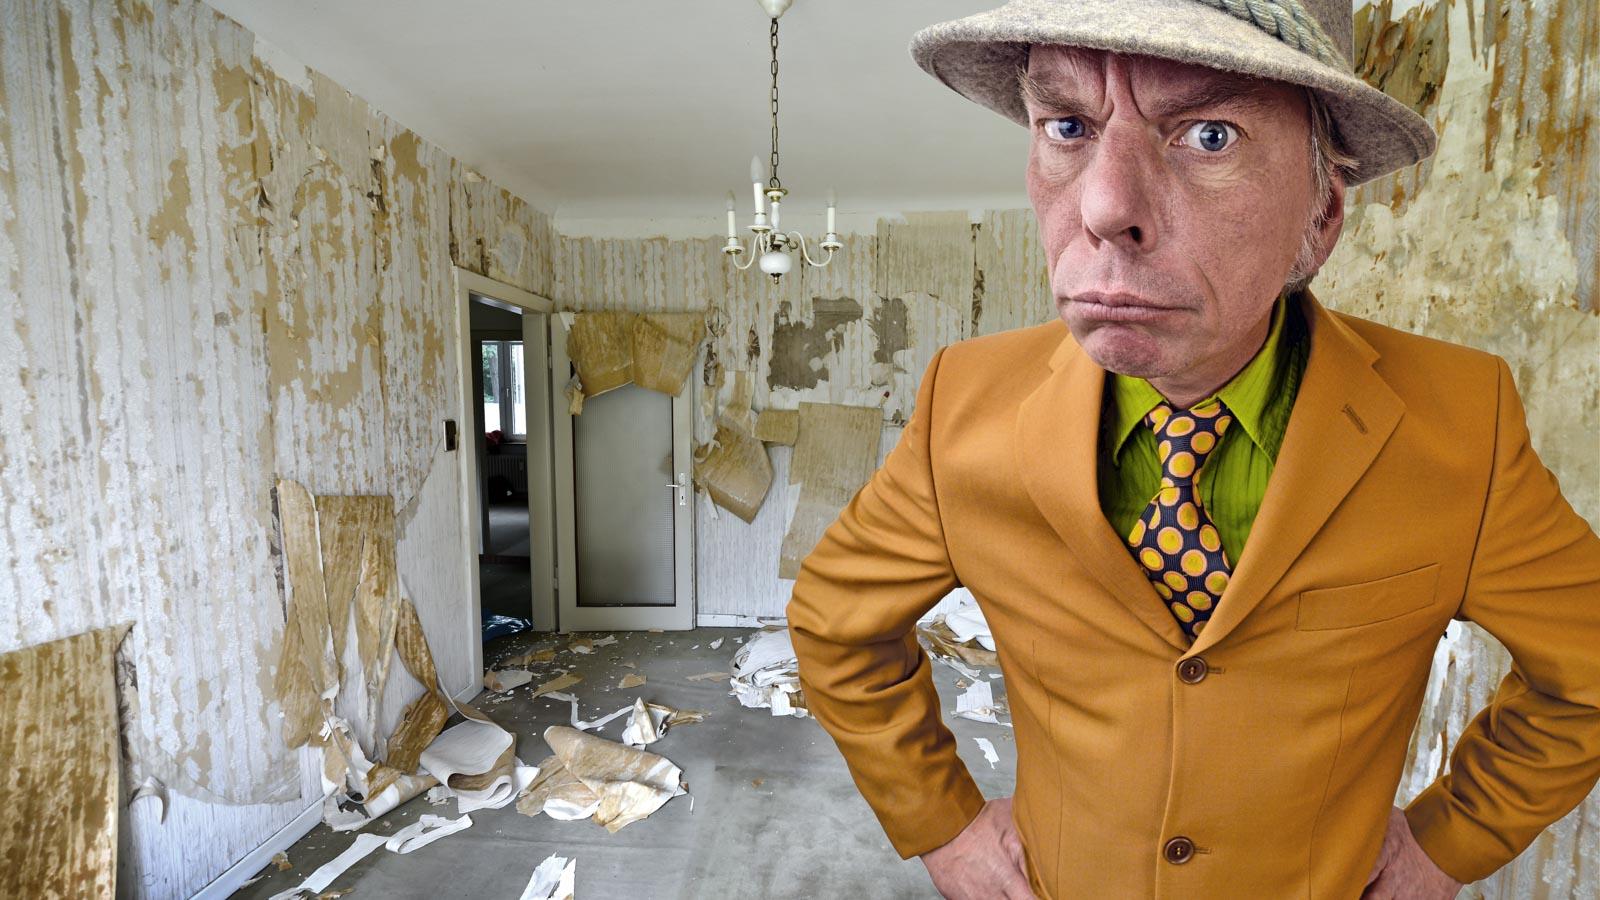 Wütender Vermieter in einer heruntergekommenen Wohnung